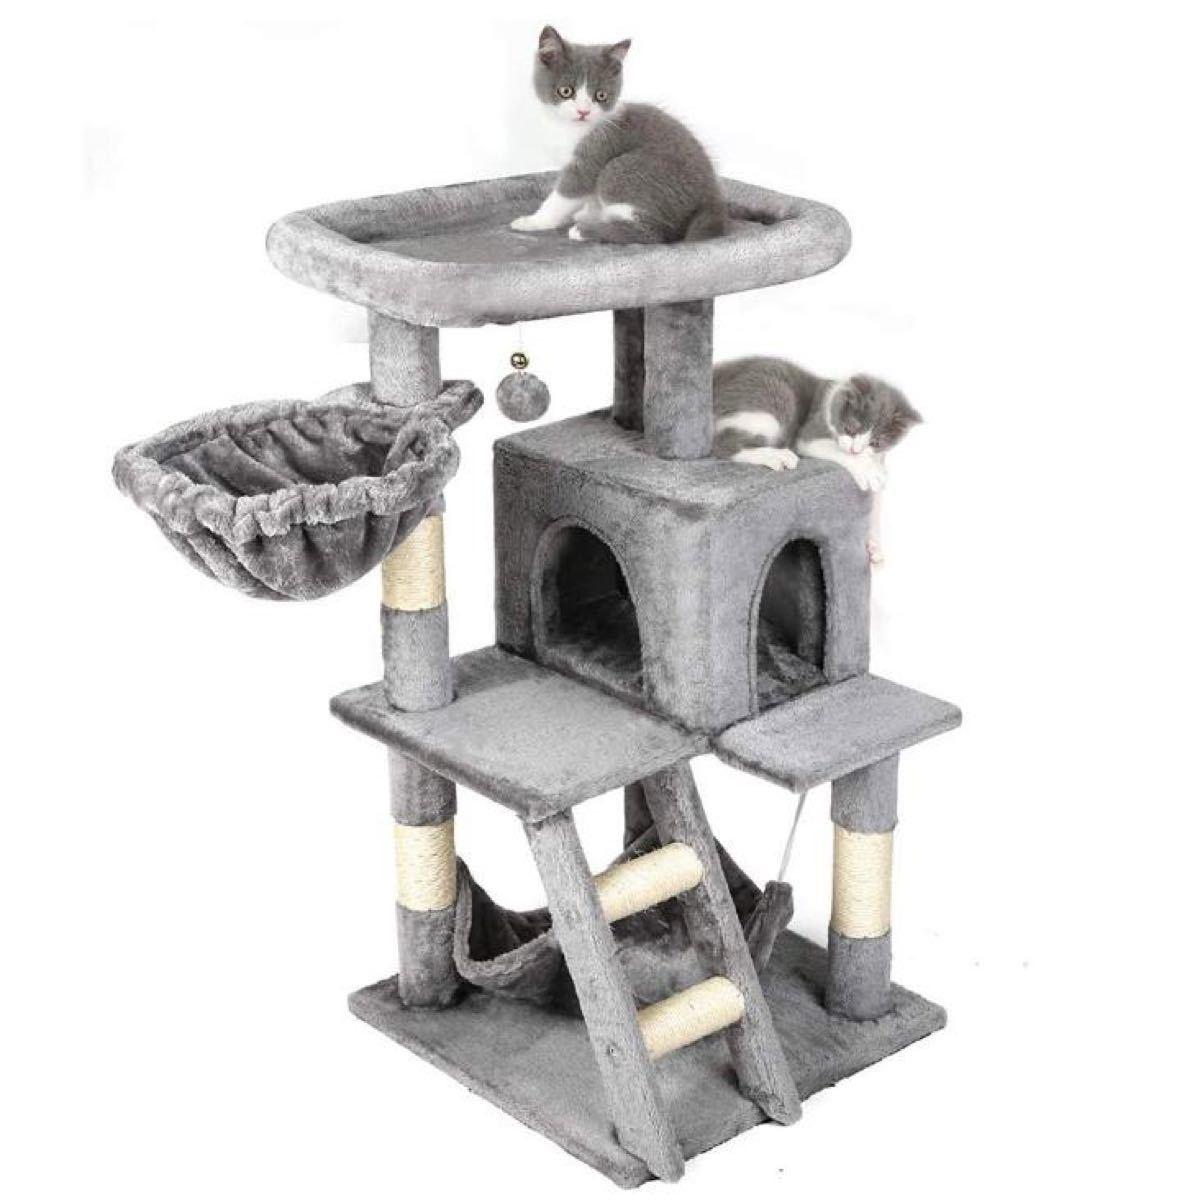 キャットタワー 多頭飼い猫タワー 遊び場 天然サイザル麻紐 ハンモック 階段